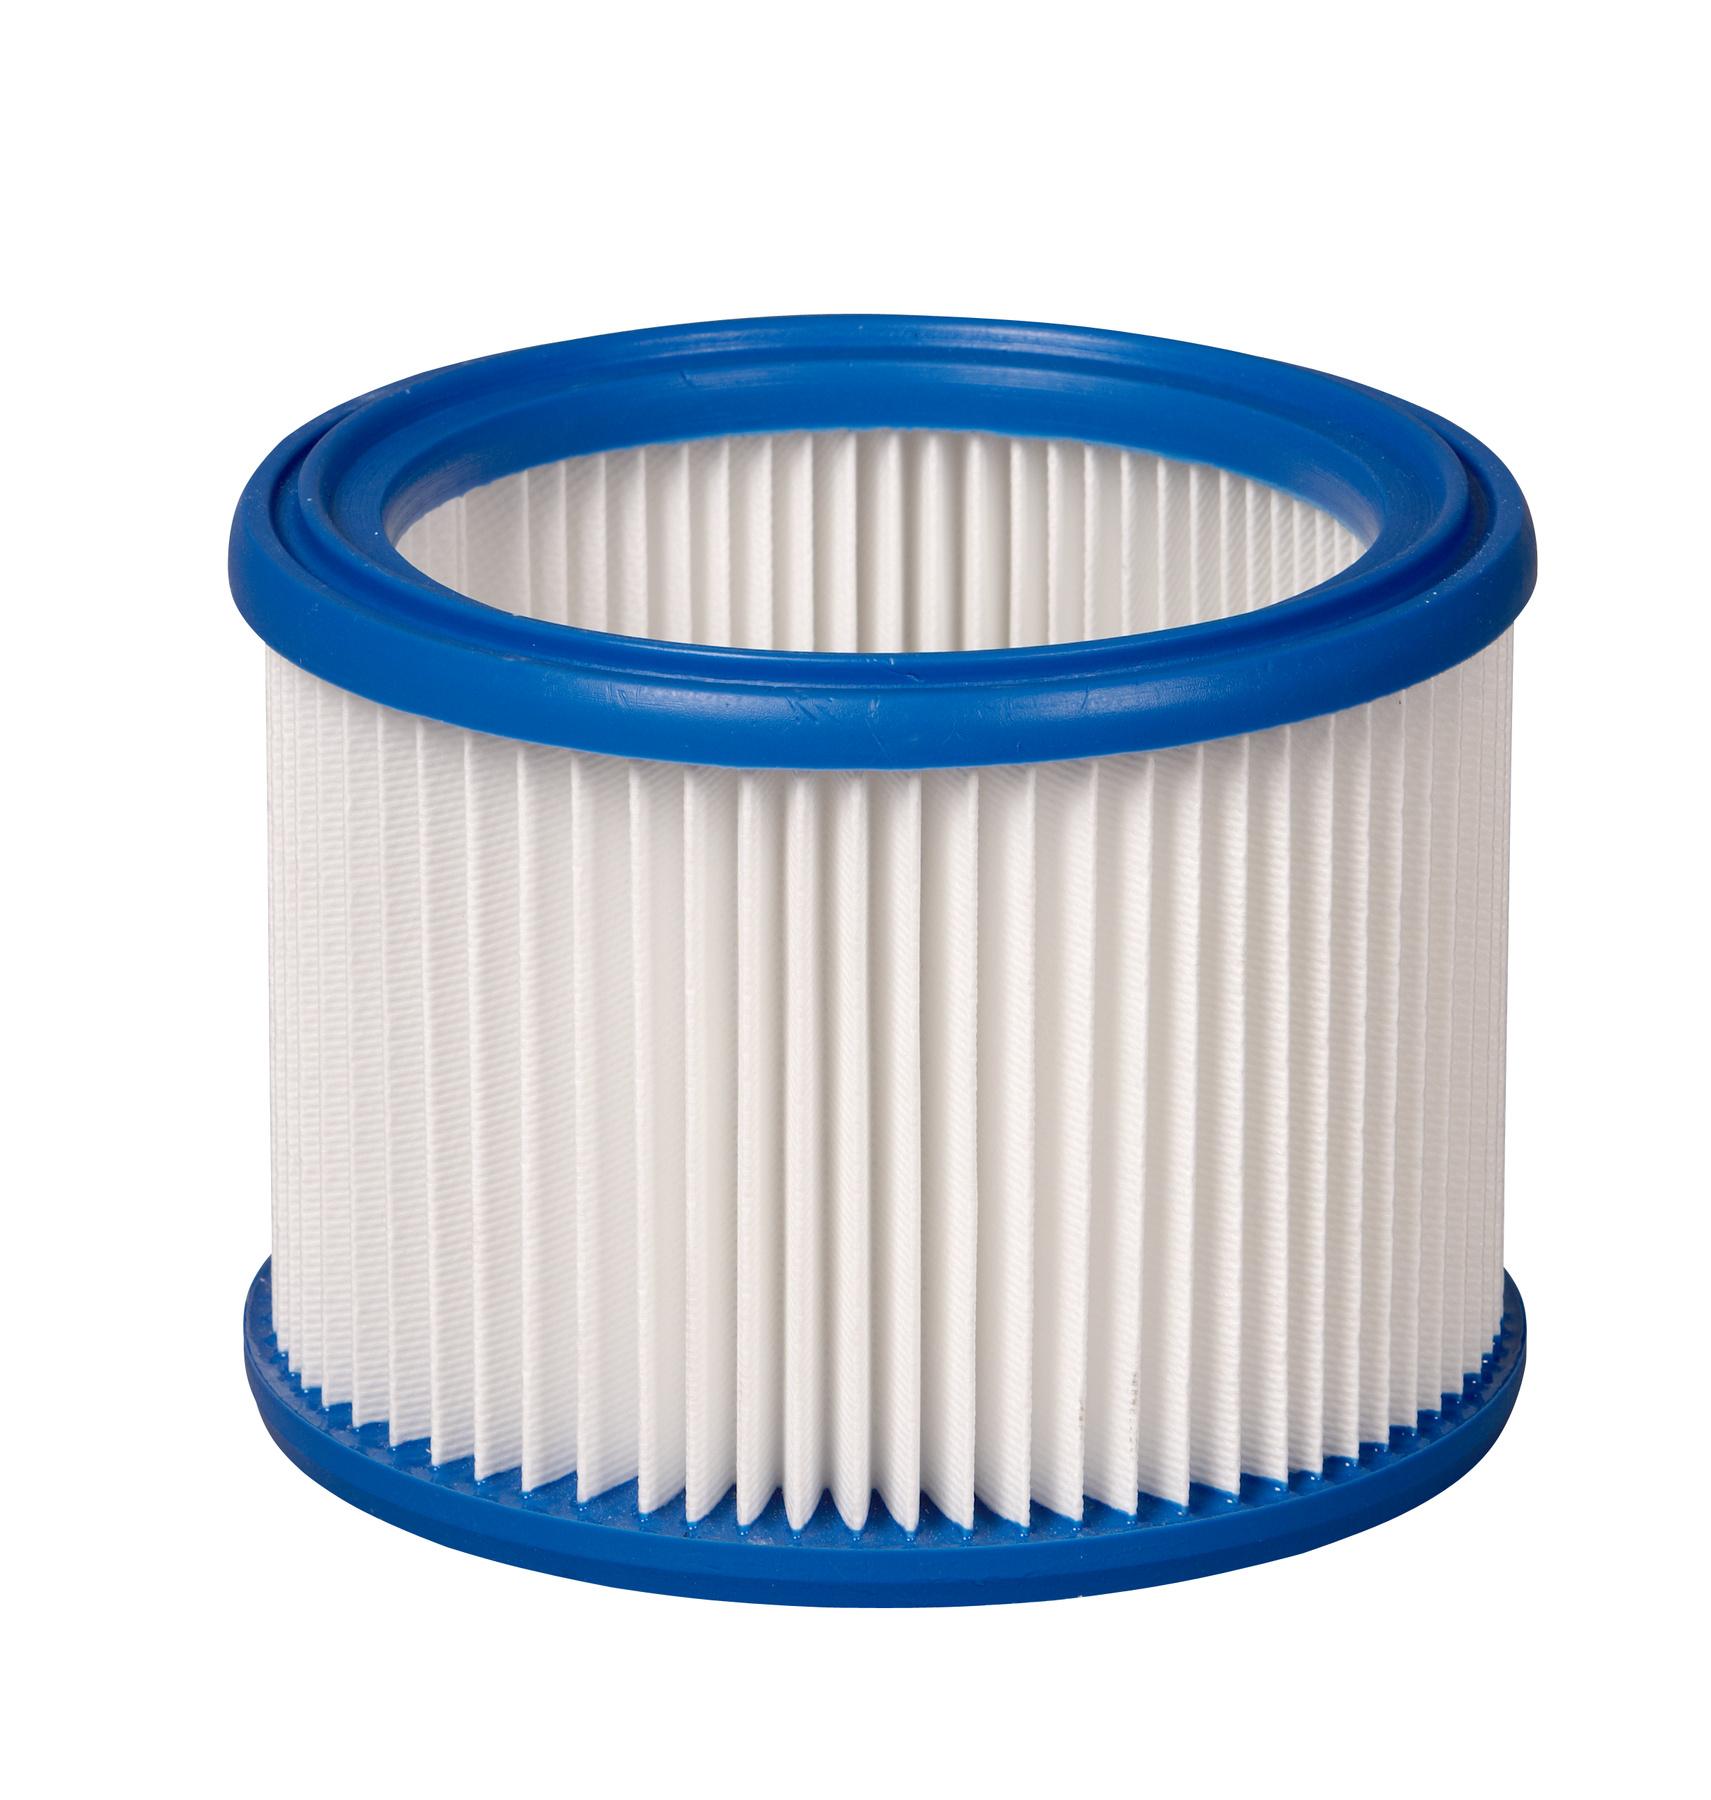 Filtre plissé pour Renfert Vortex 29 652 Vortex Compact 3 L